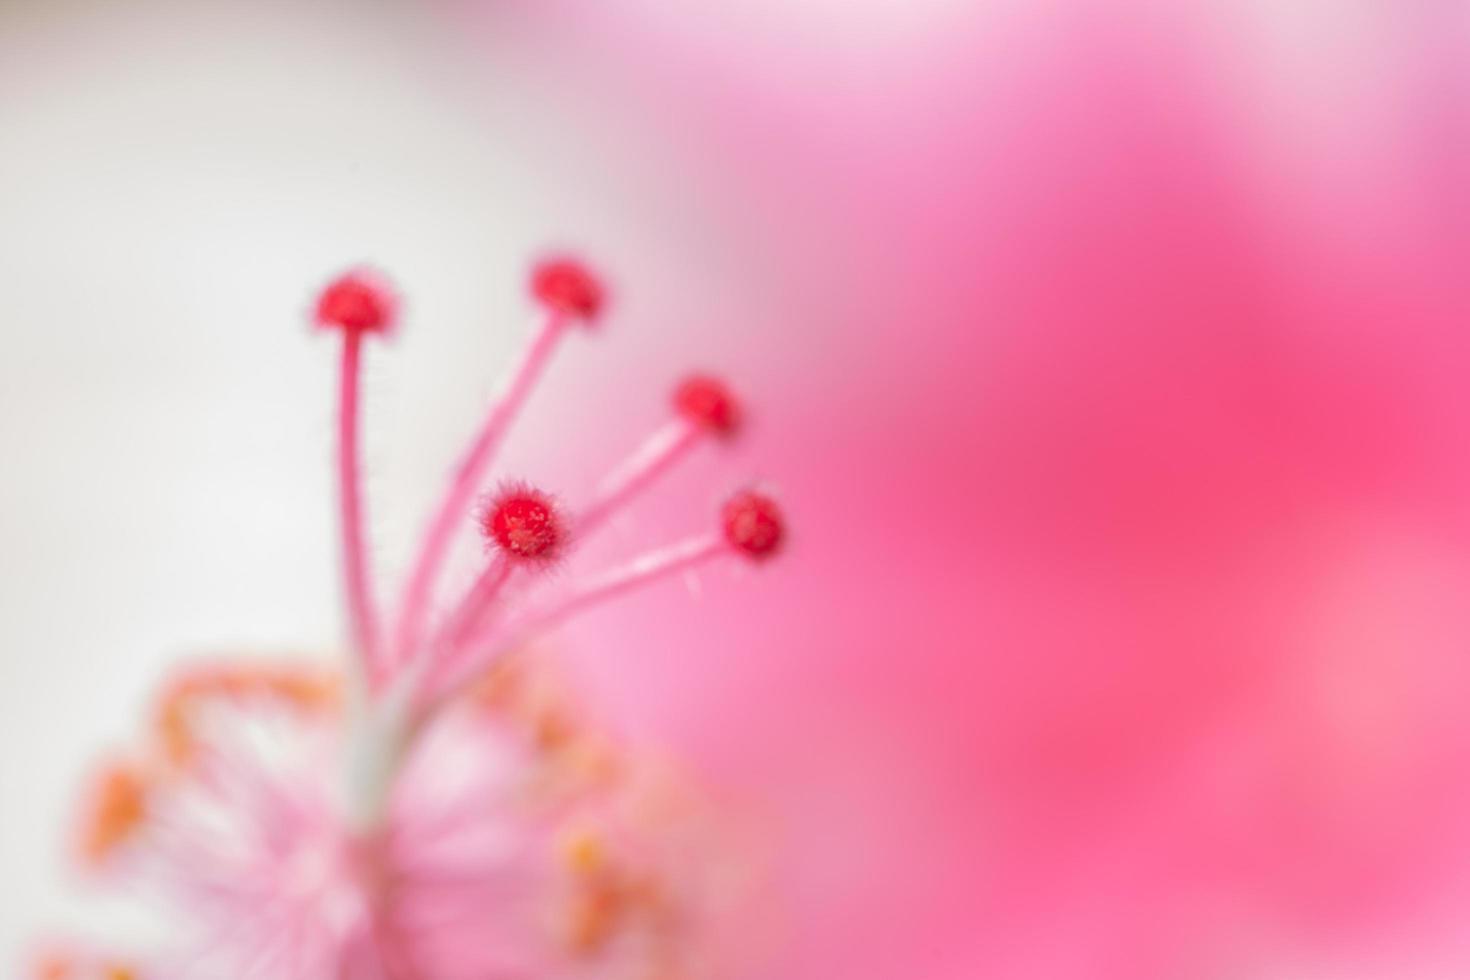 primo piano di polline rosa, sfondo sfocato foto